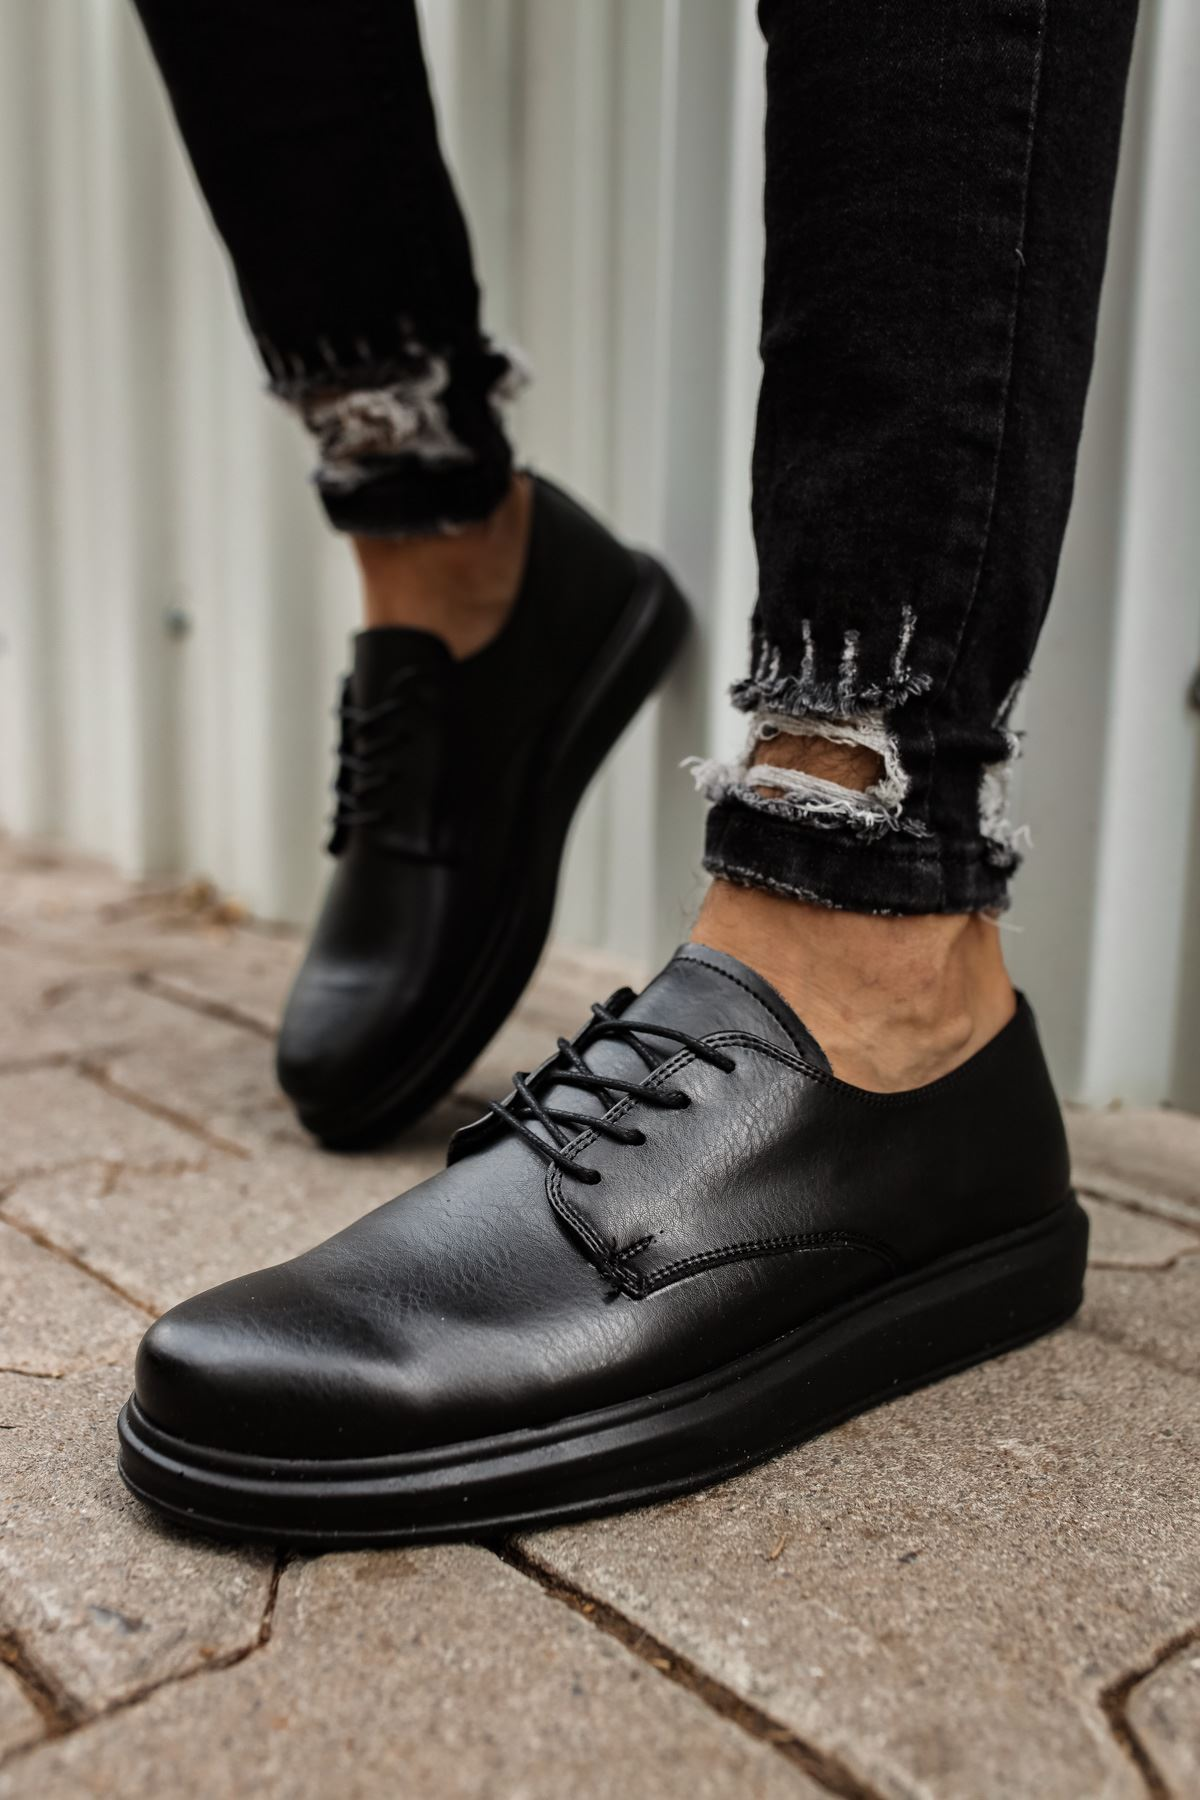 Chekich CH003 ST Erkek Ayakkabı SIYAH m706